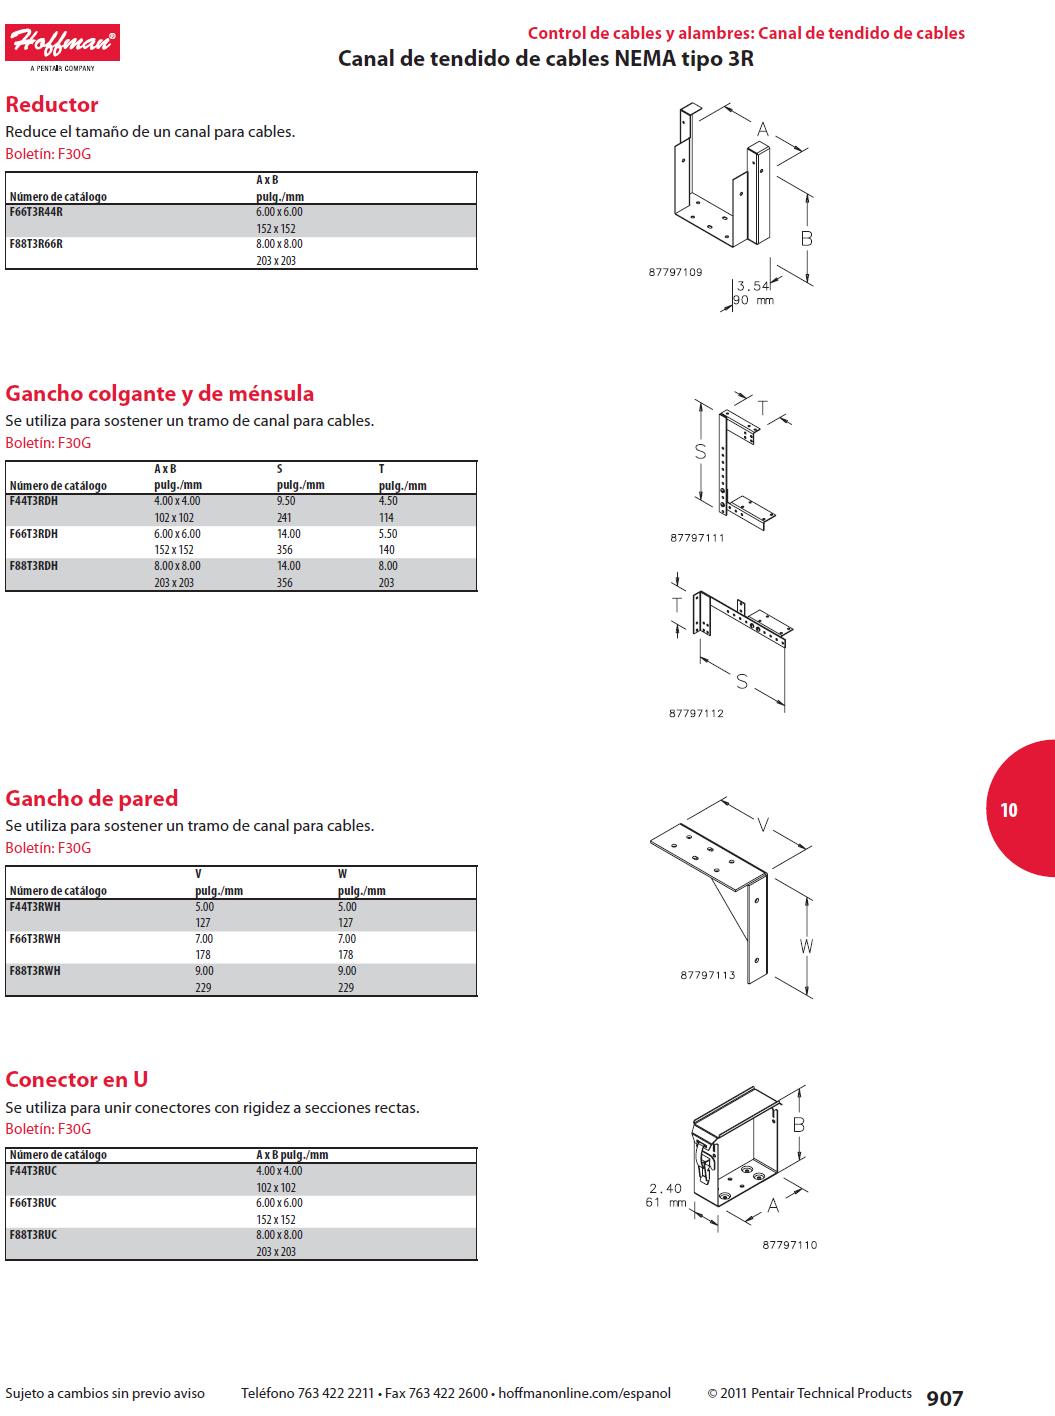 Gancho de pared canal de tendido de cables nema tipo 3r for Gancho adhesivo pared